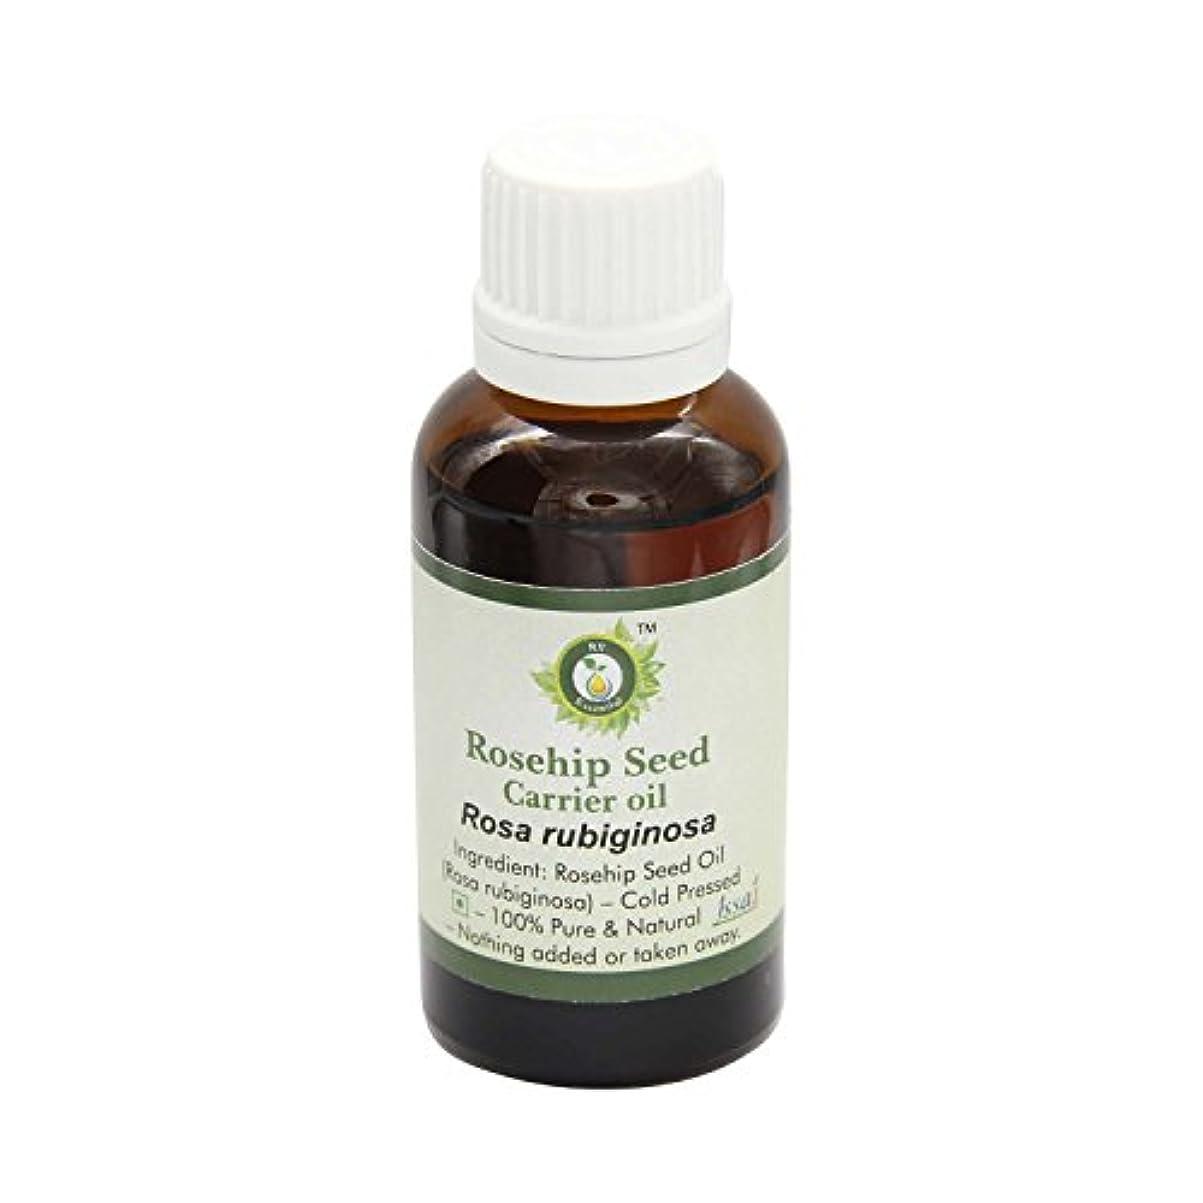 ジャグリングあごひげ楕円形R V Essential ピュアローズヒップシードキャリアオイル630ml (21oz)- Rosa Rubiginosa (100%ピュア&ナチュラルコールドPressed) Pure Rosehip Seed Carrier...